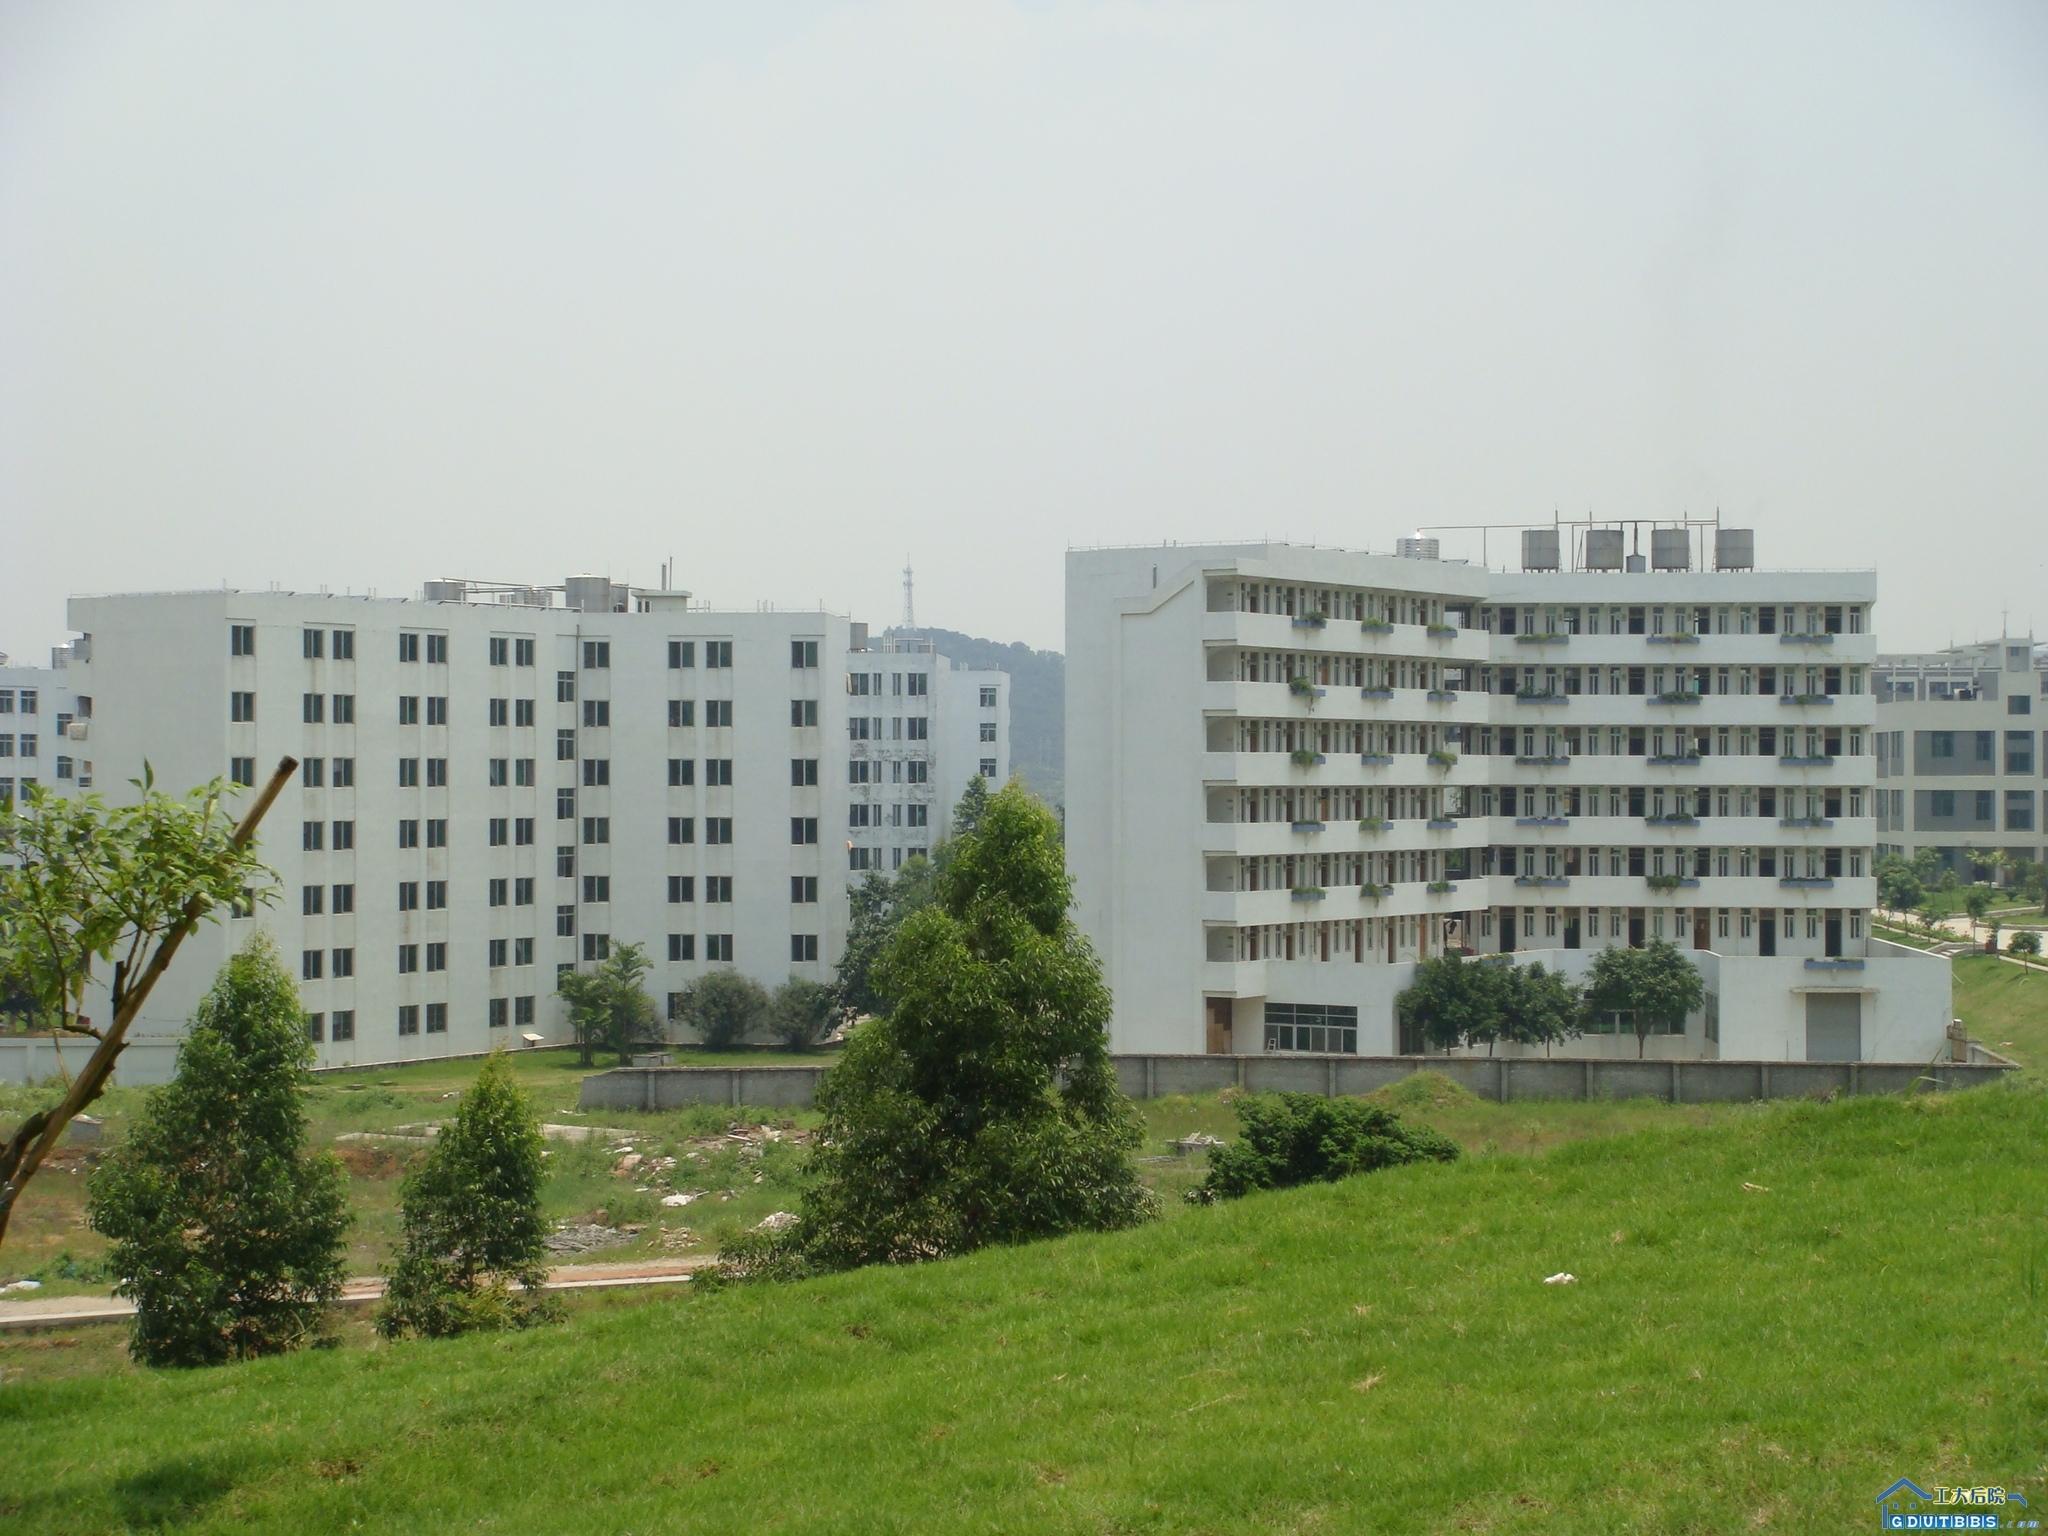 广东工业华立学院和广东工业大学区别图片